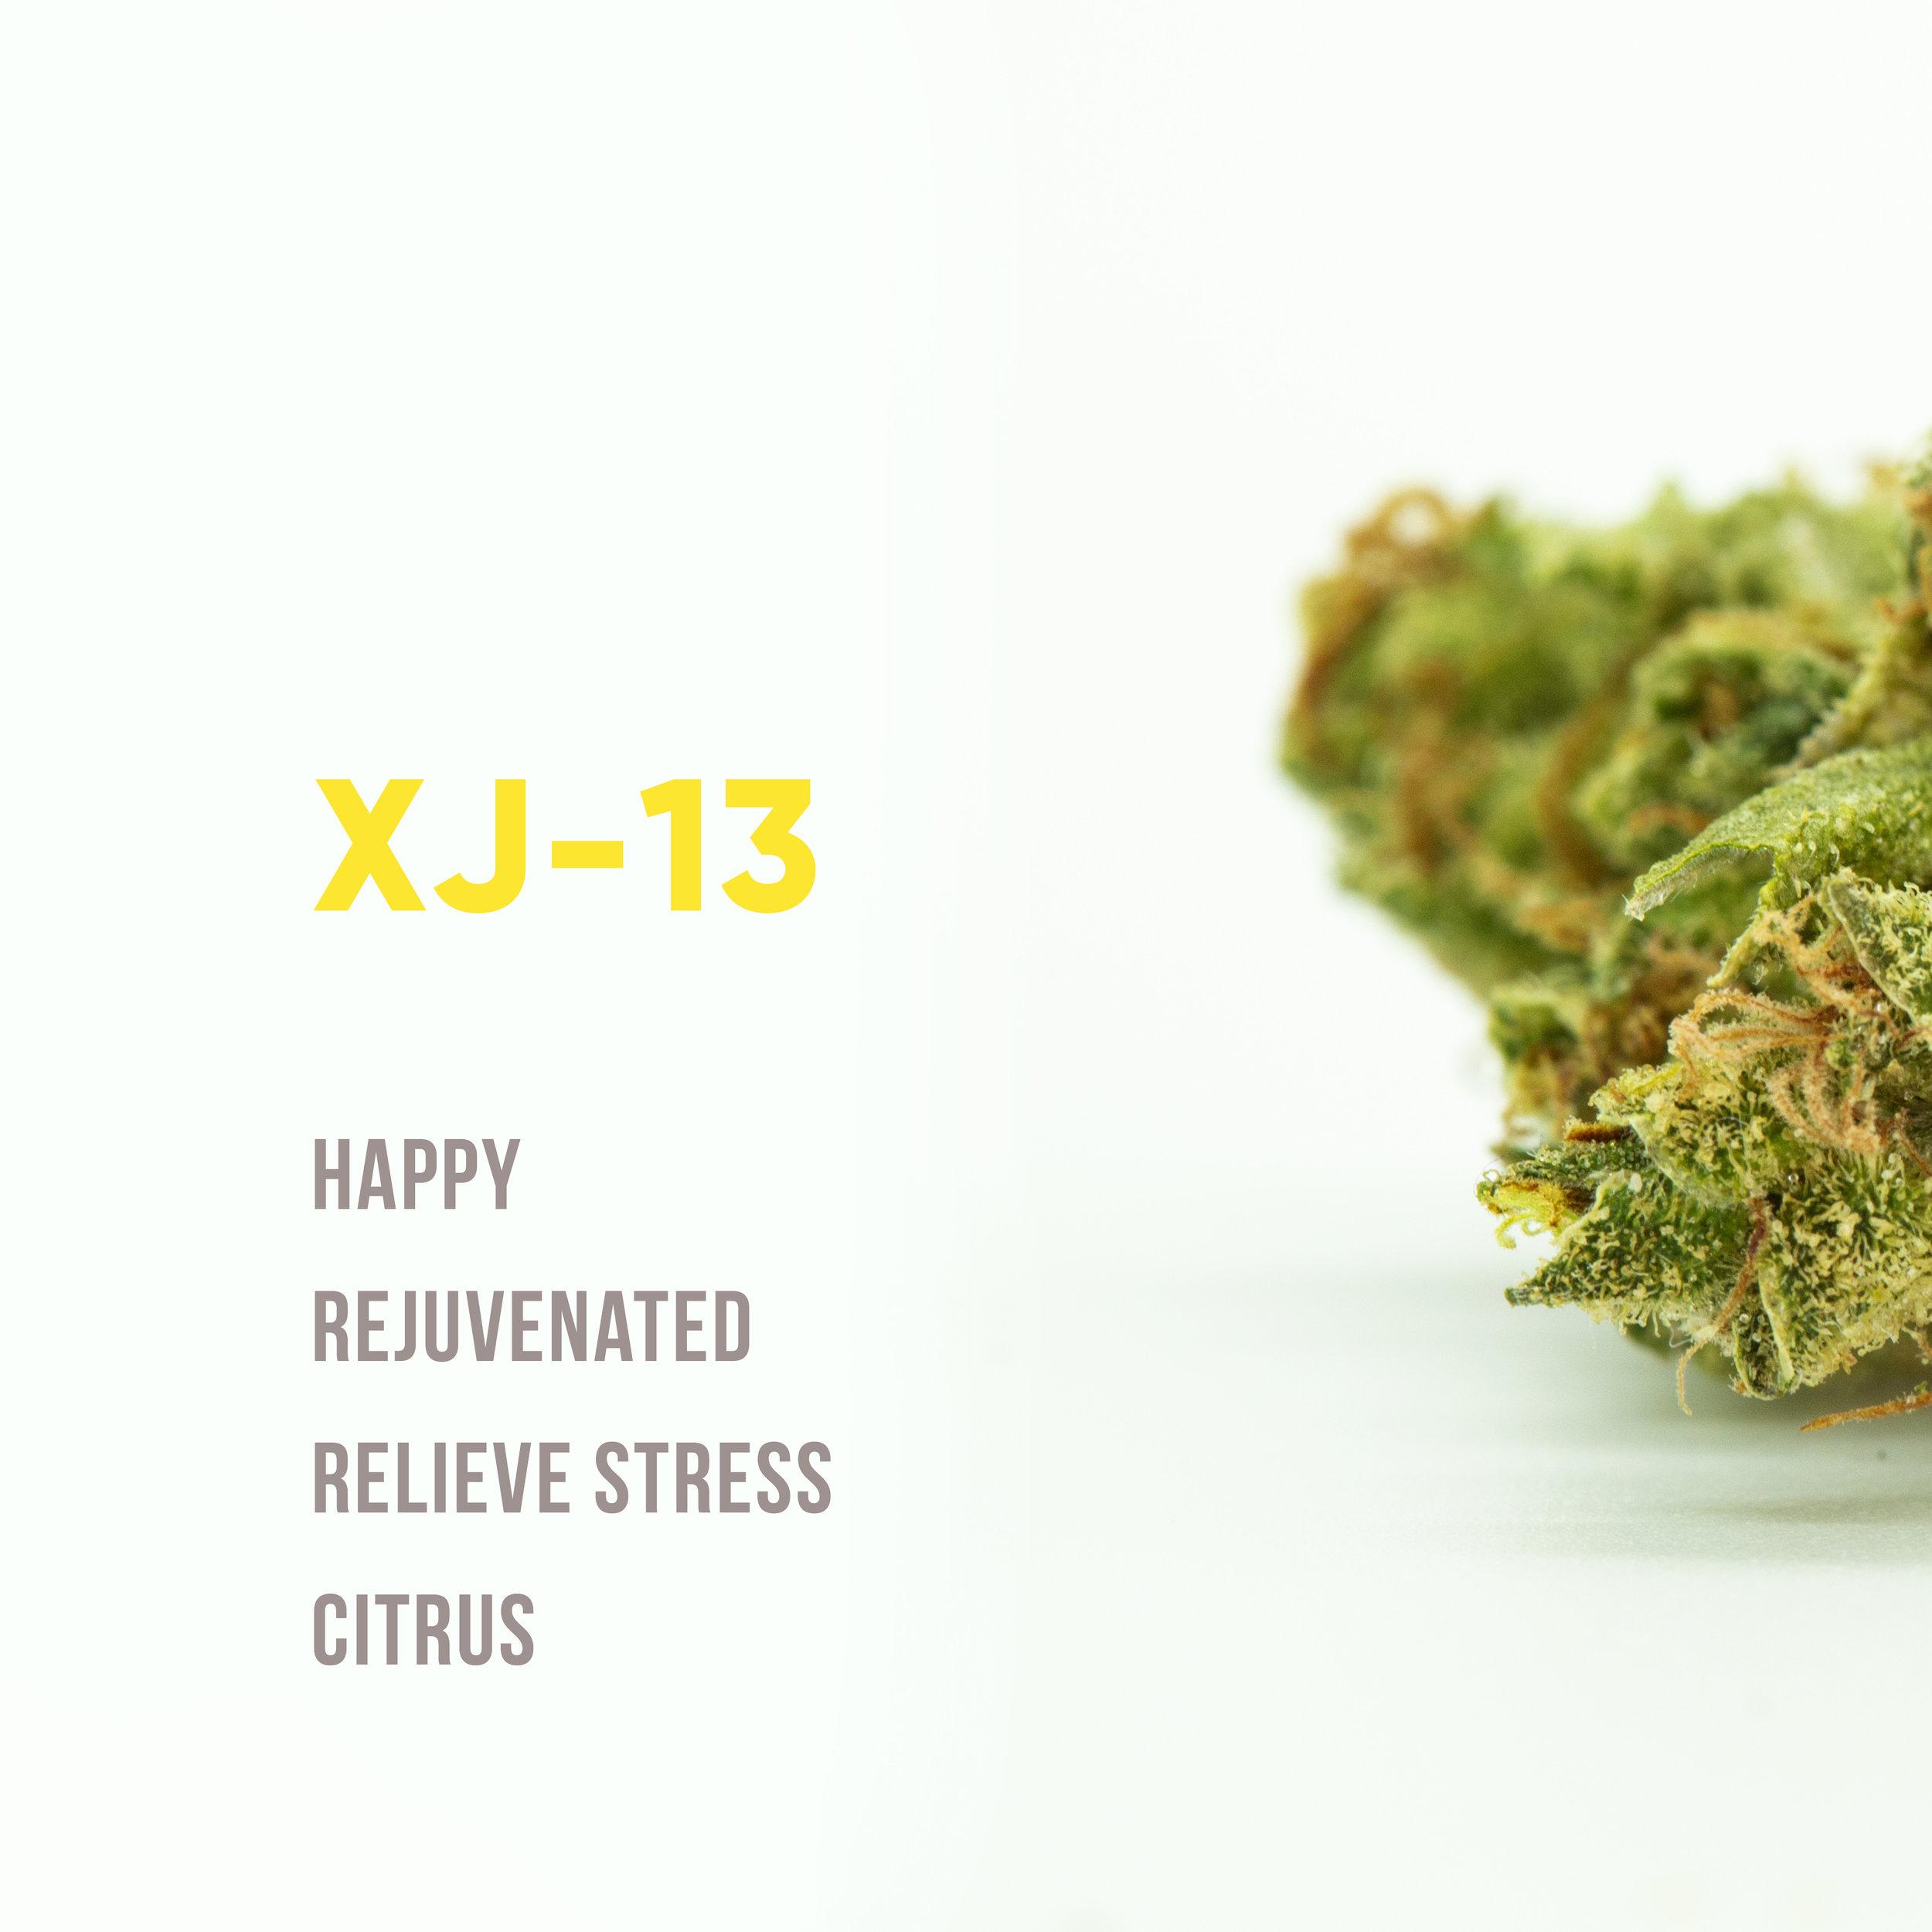 XJ1text.jpg